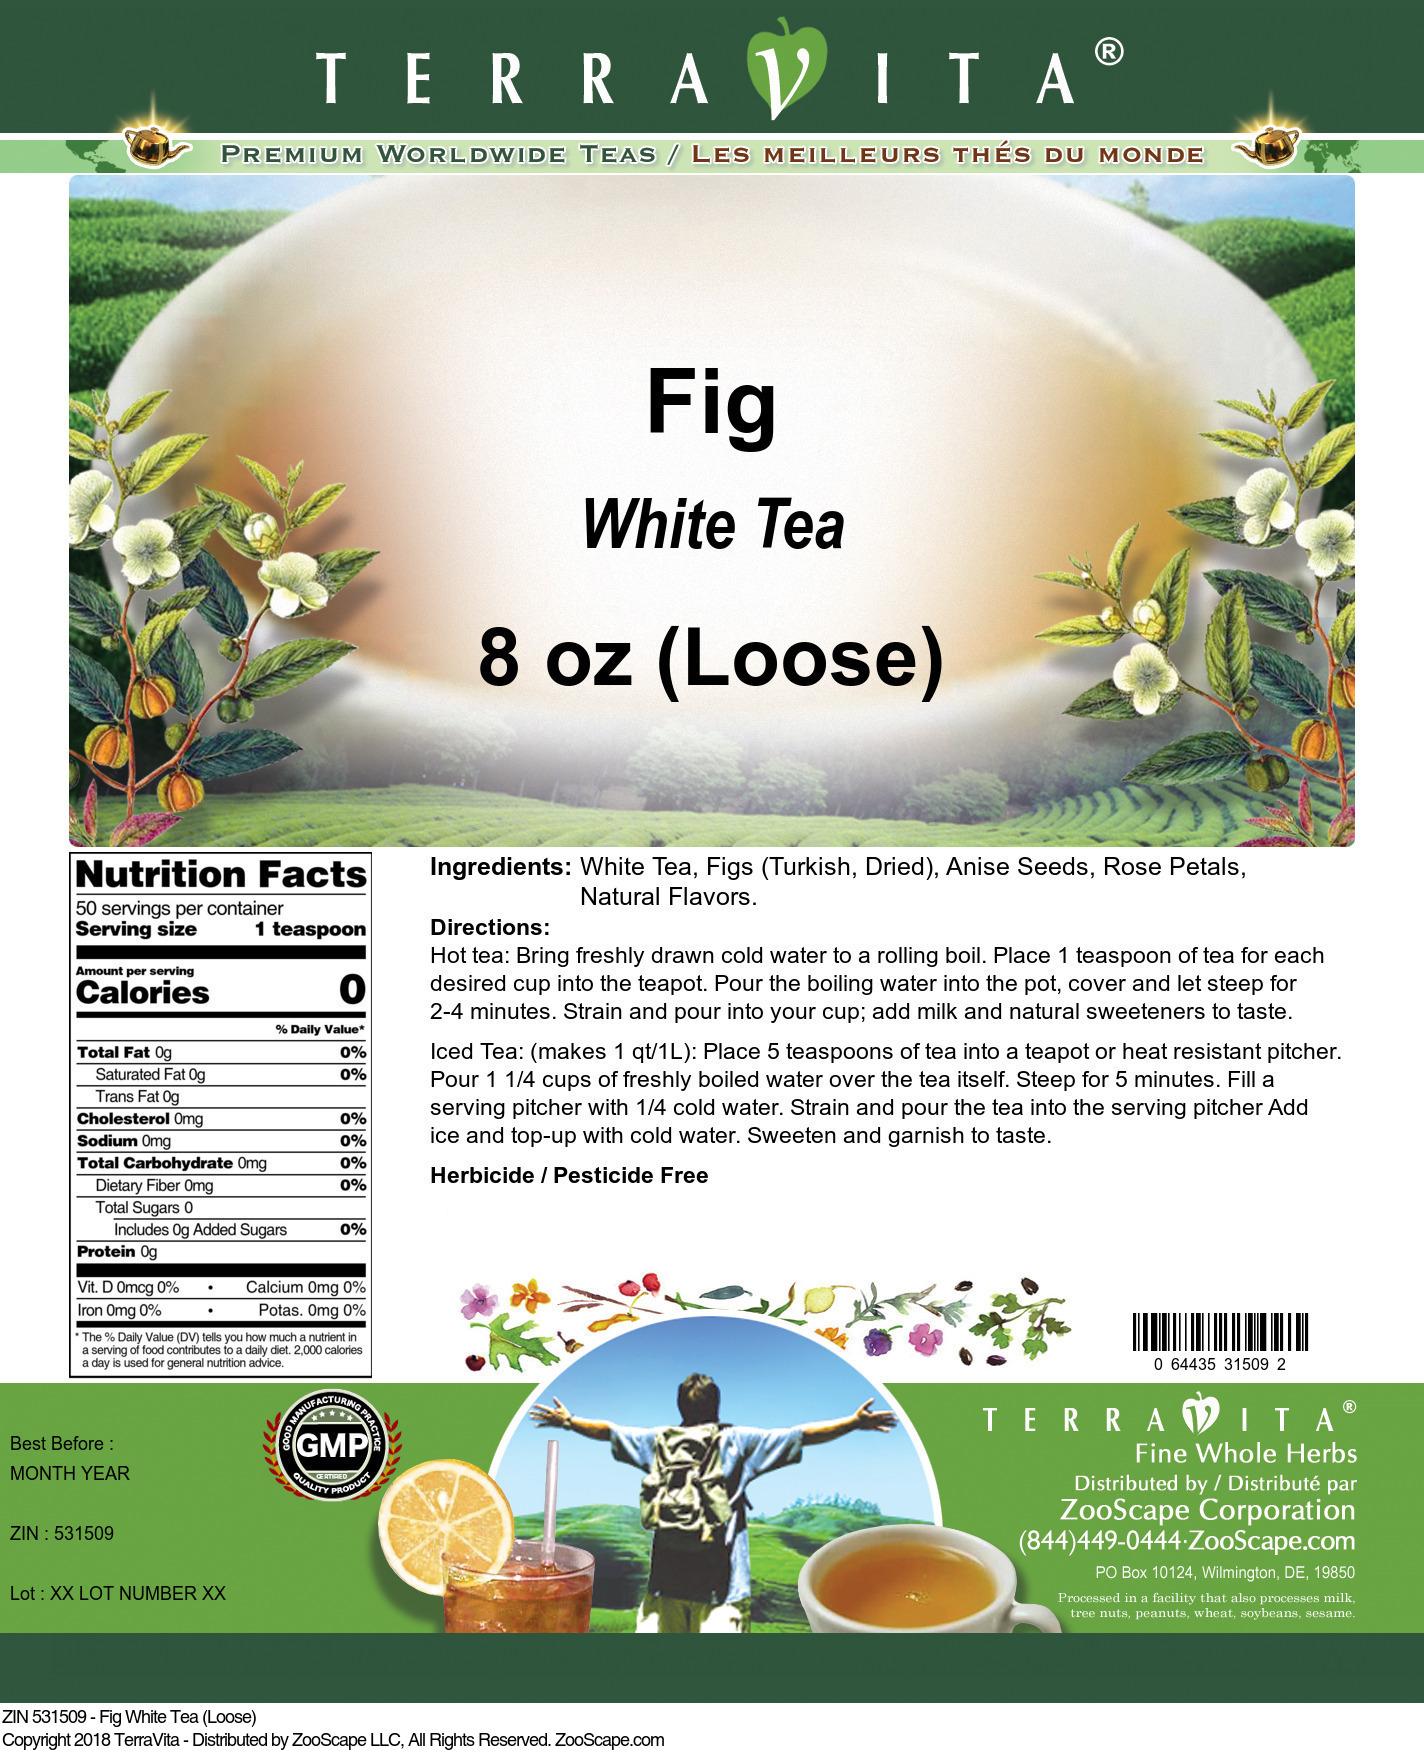 Fig White Tea (Loose)